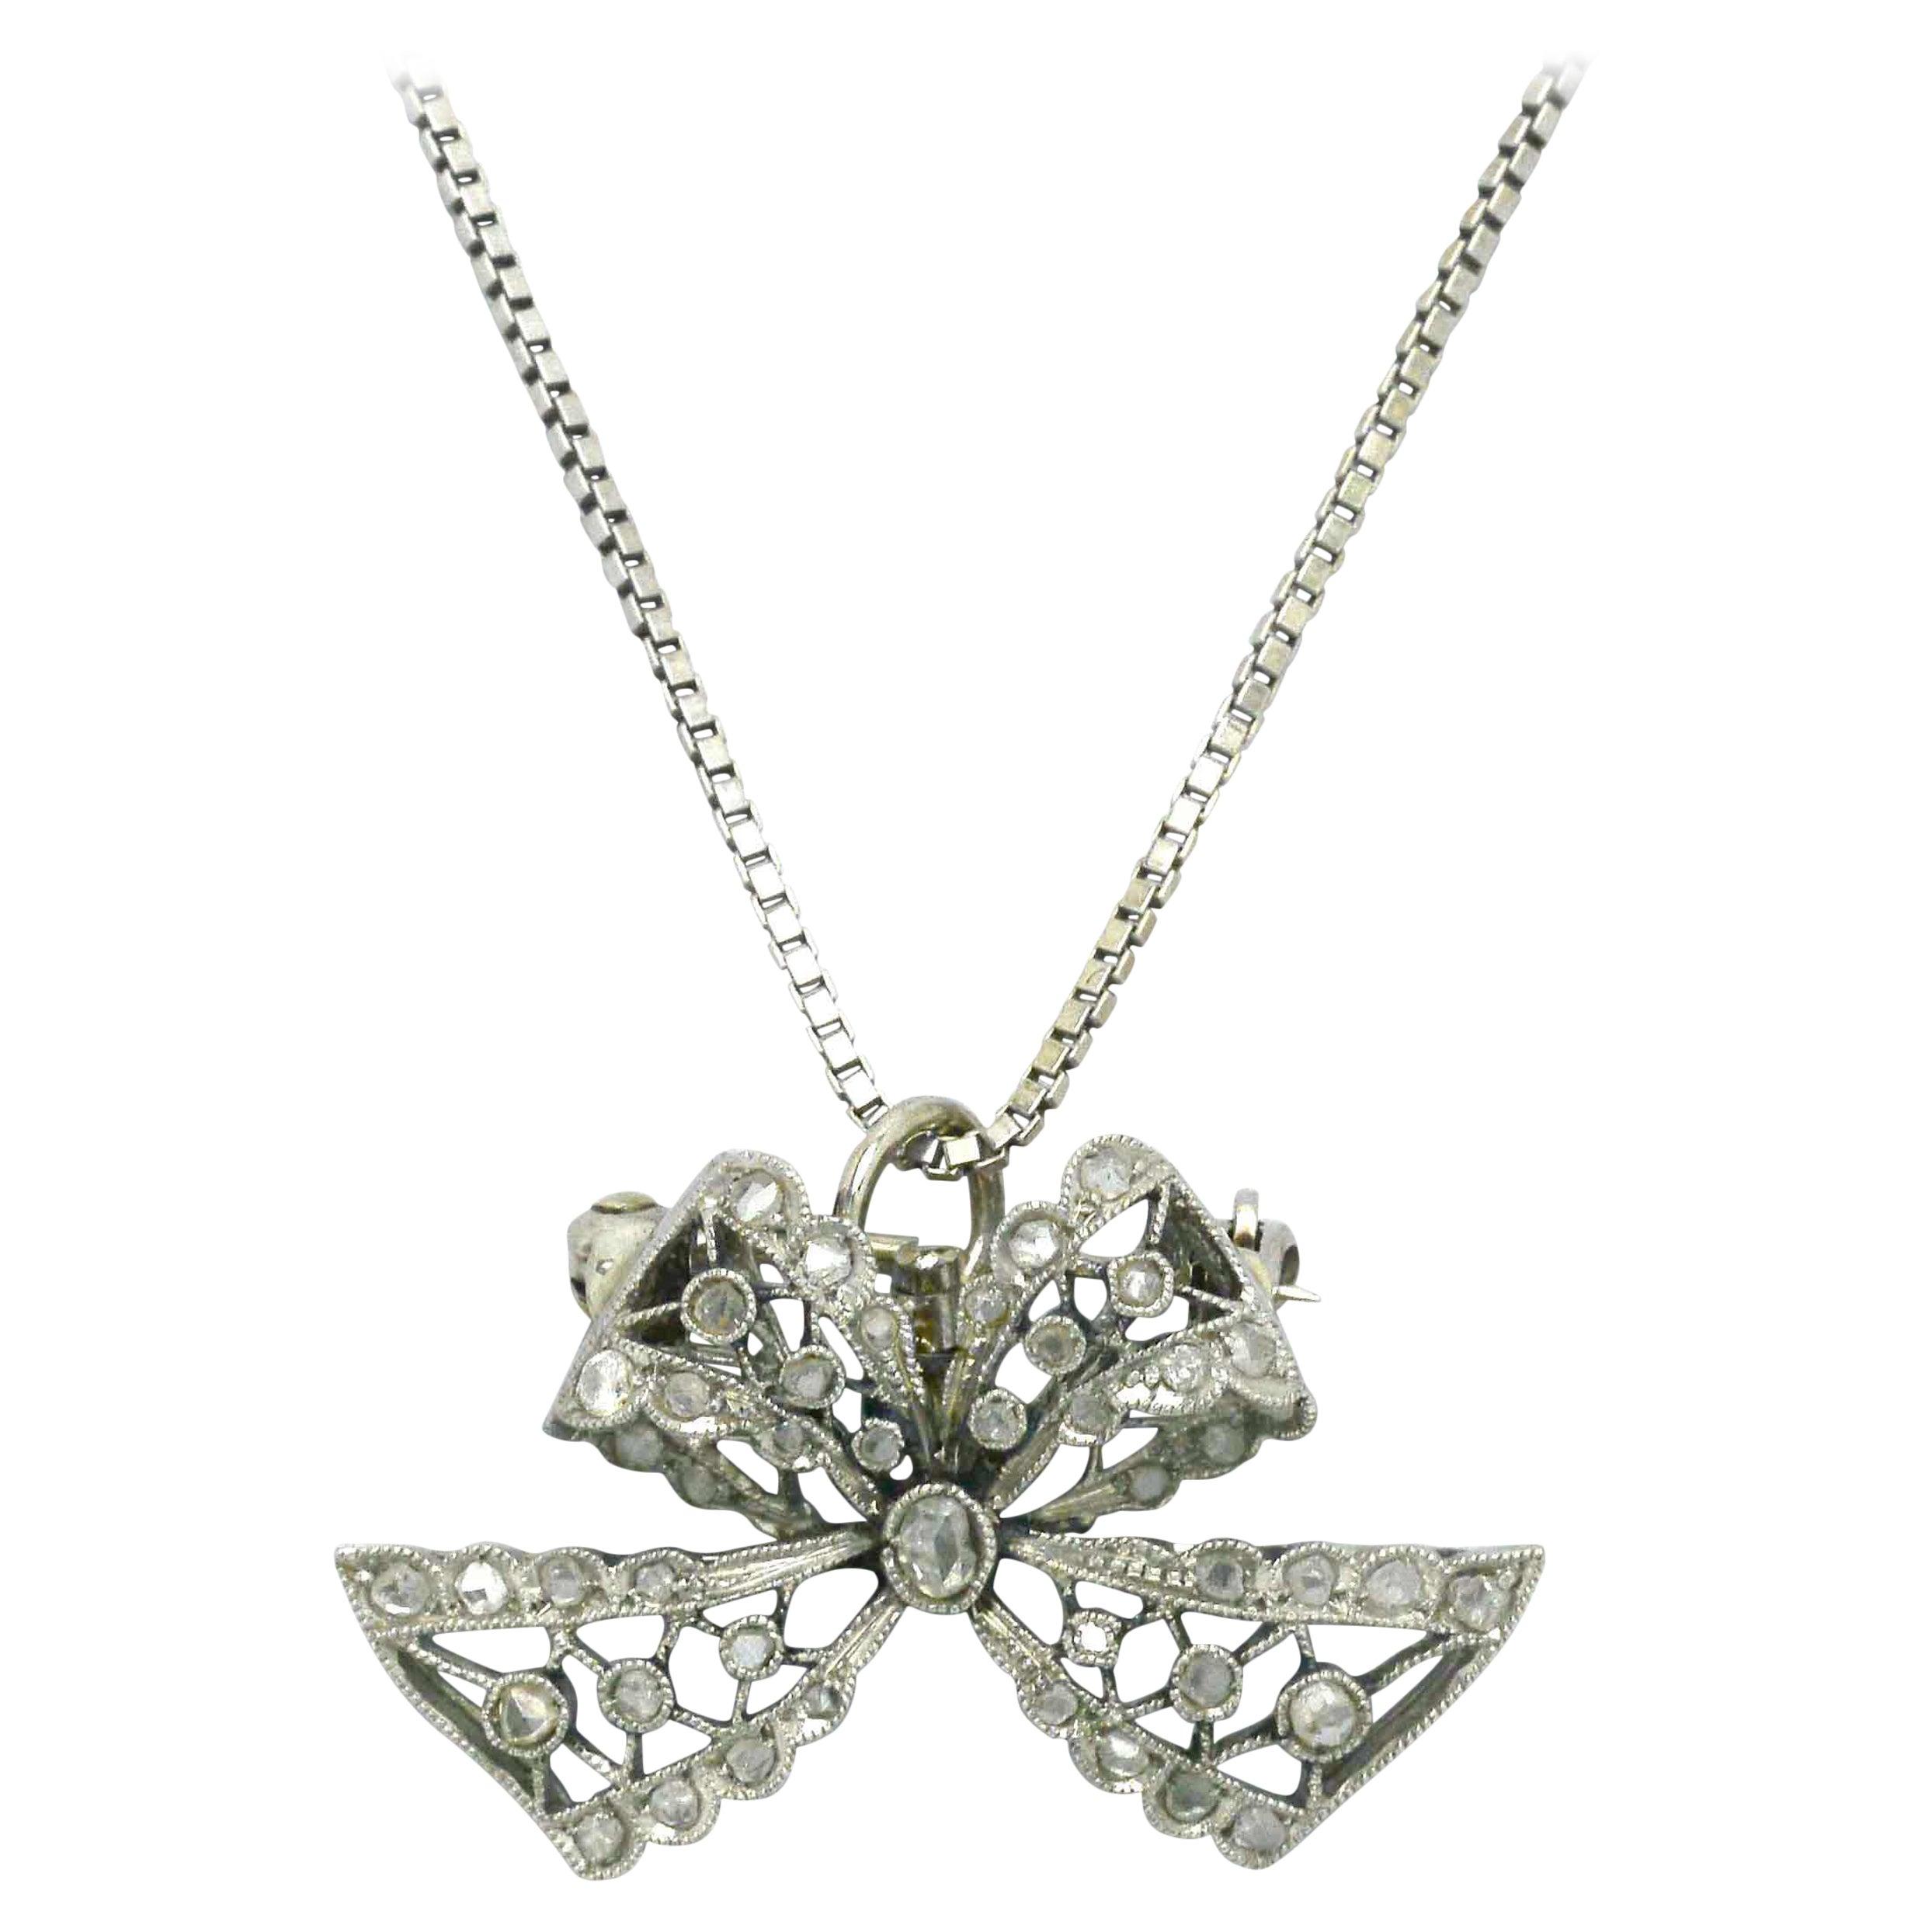 Edwardian Diamond Necklace Bow Pendant Antique Belle Époque Platinum Filigree